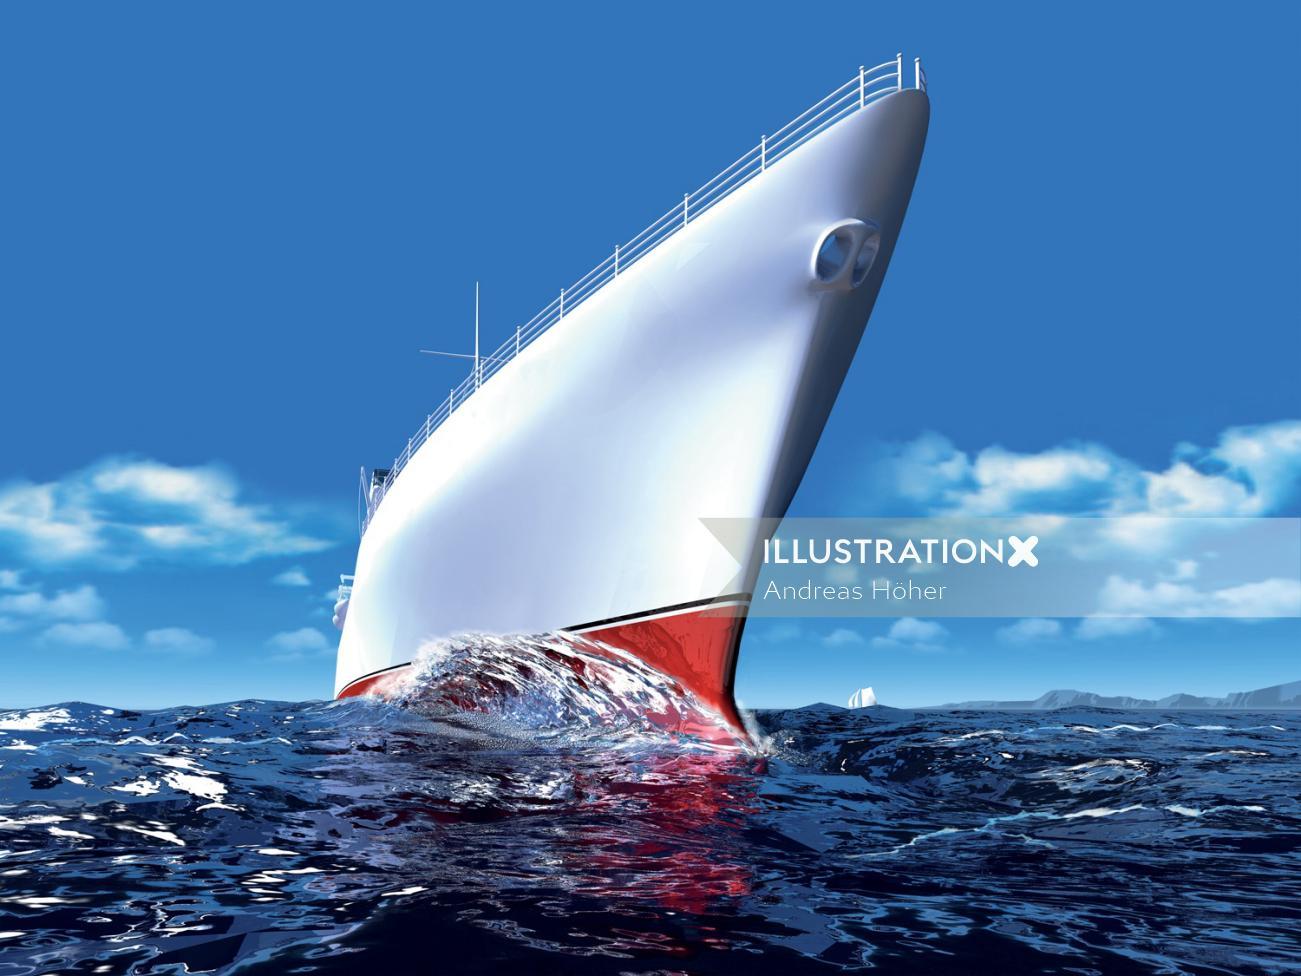 Graphic design of cruiser